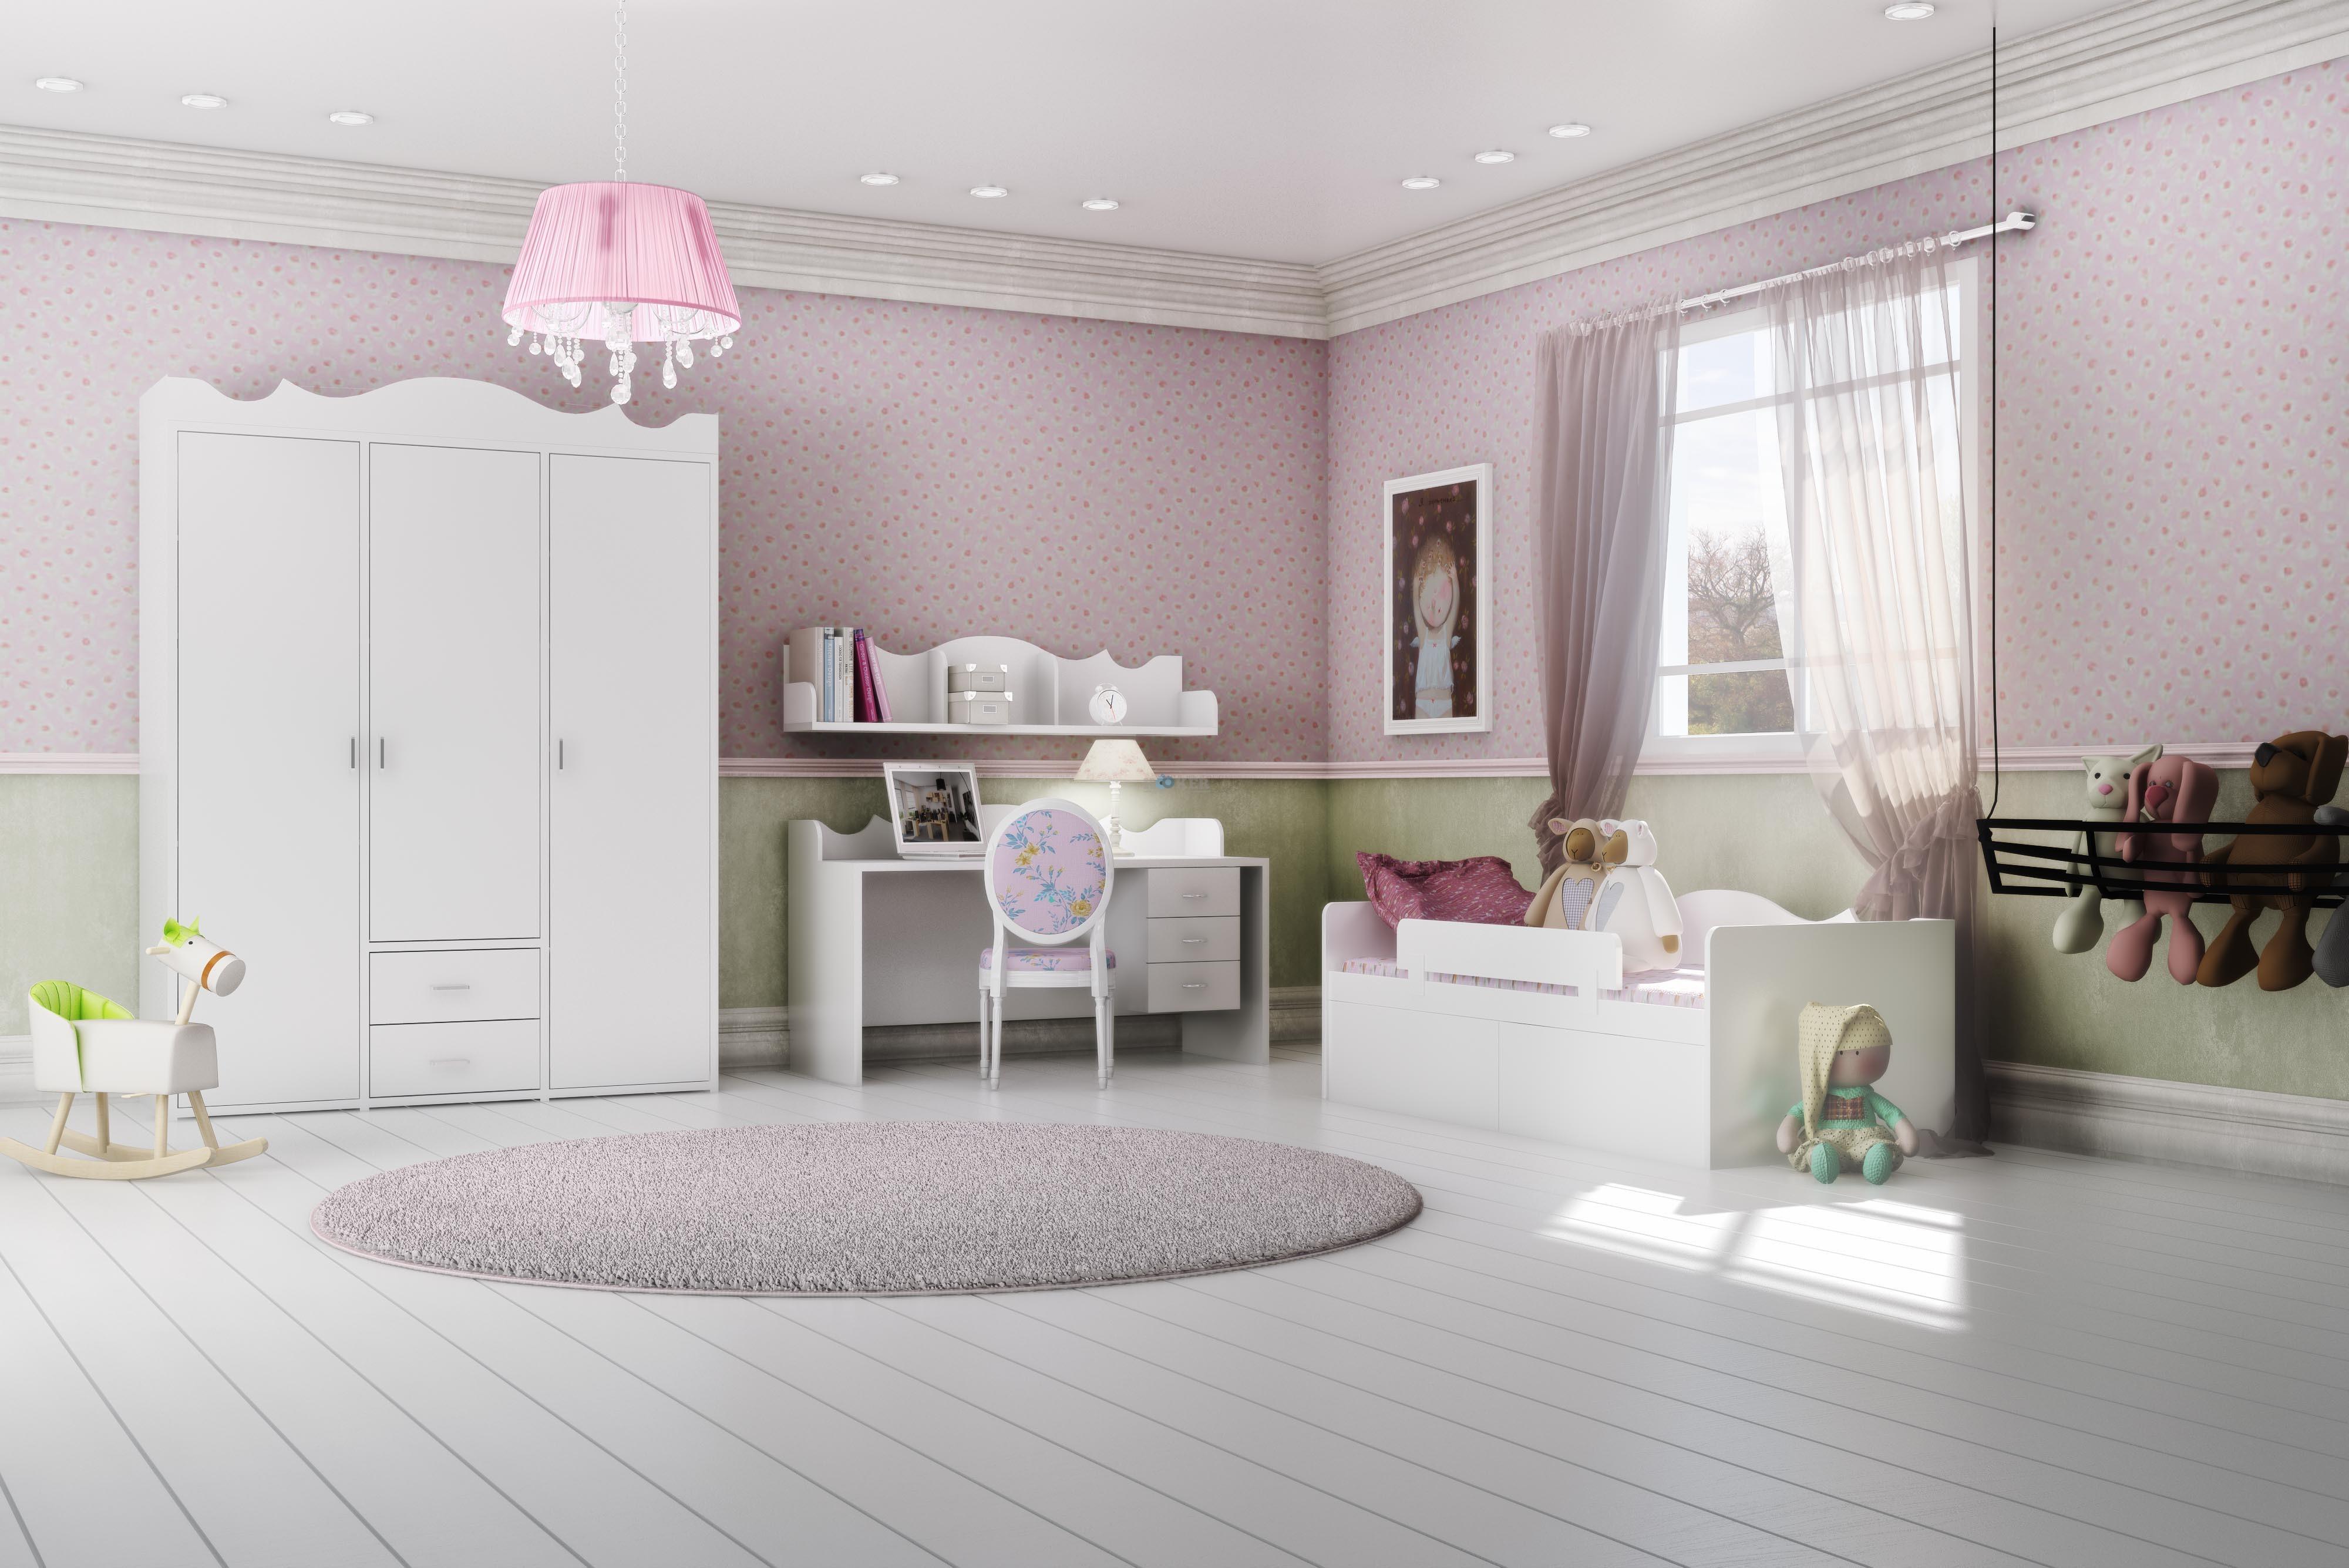 חדר פרובנס- 5950 שח. כולל ארון 3 דלתות ו2 מגירות פינת לימוד ומיטה. מעצב: ניצן הורוביץ